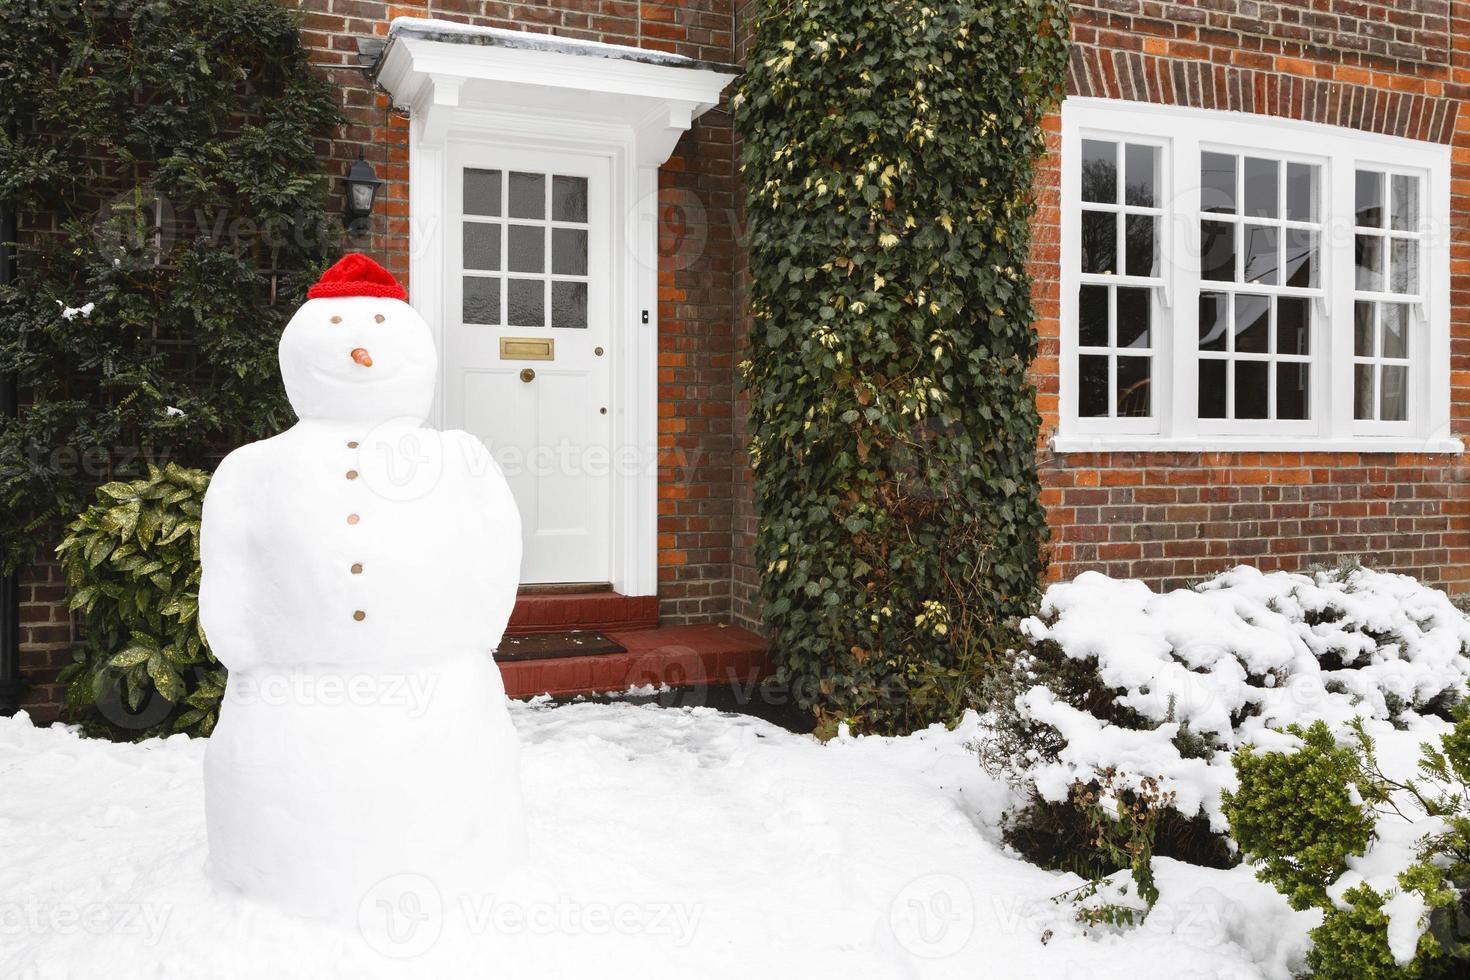 bonhomme de neige à l'extérieur de la maison photo